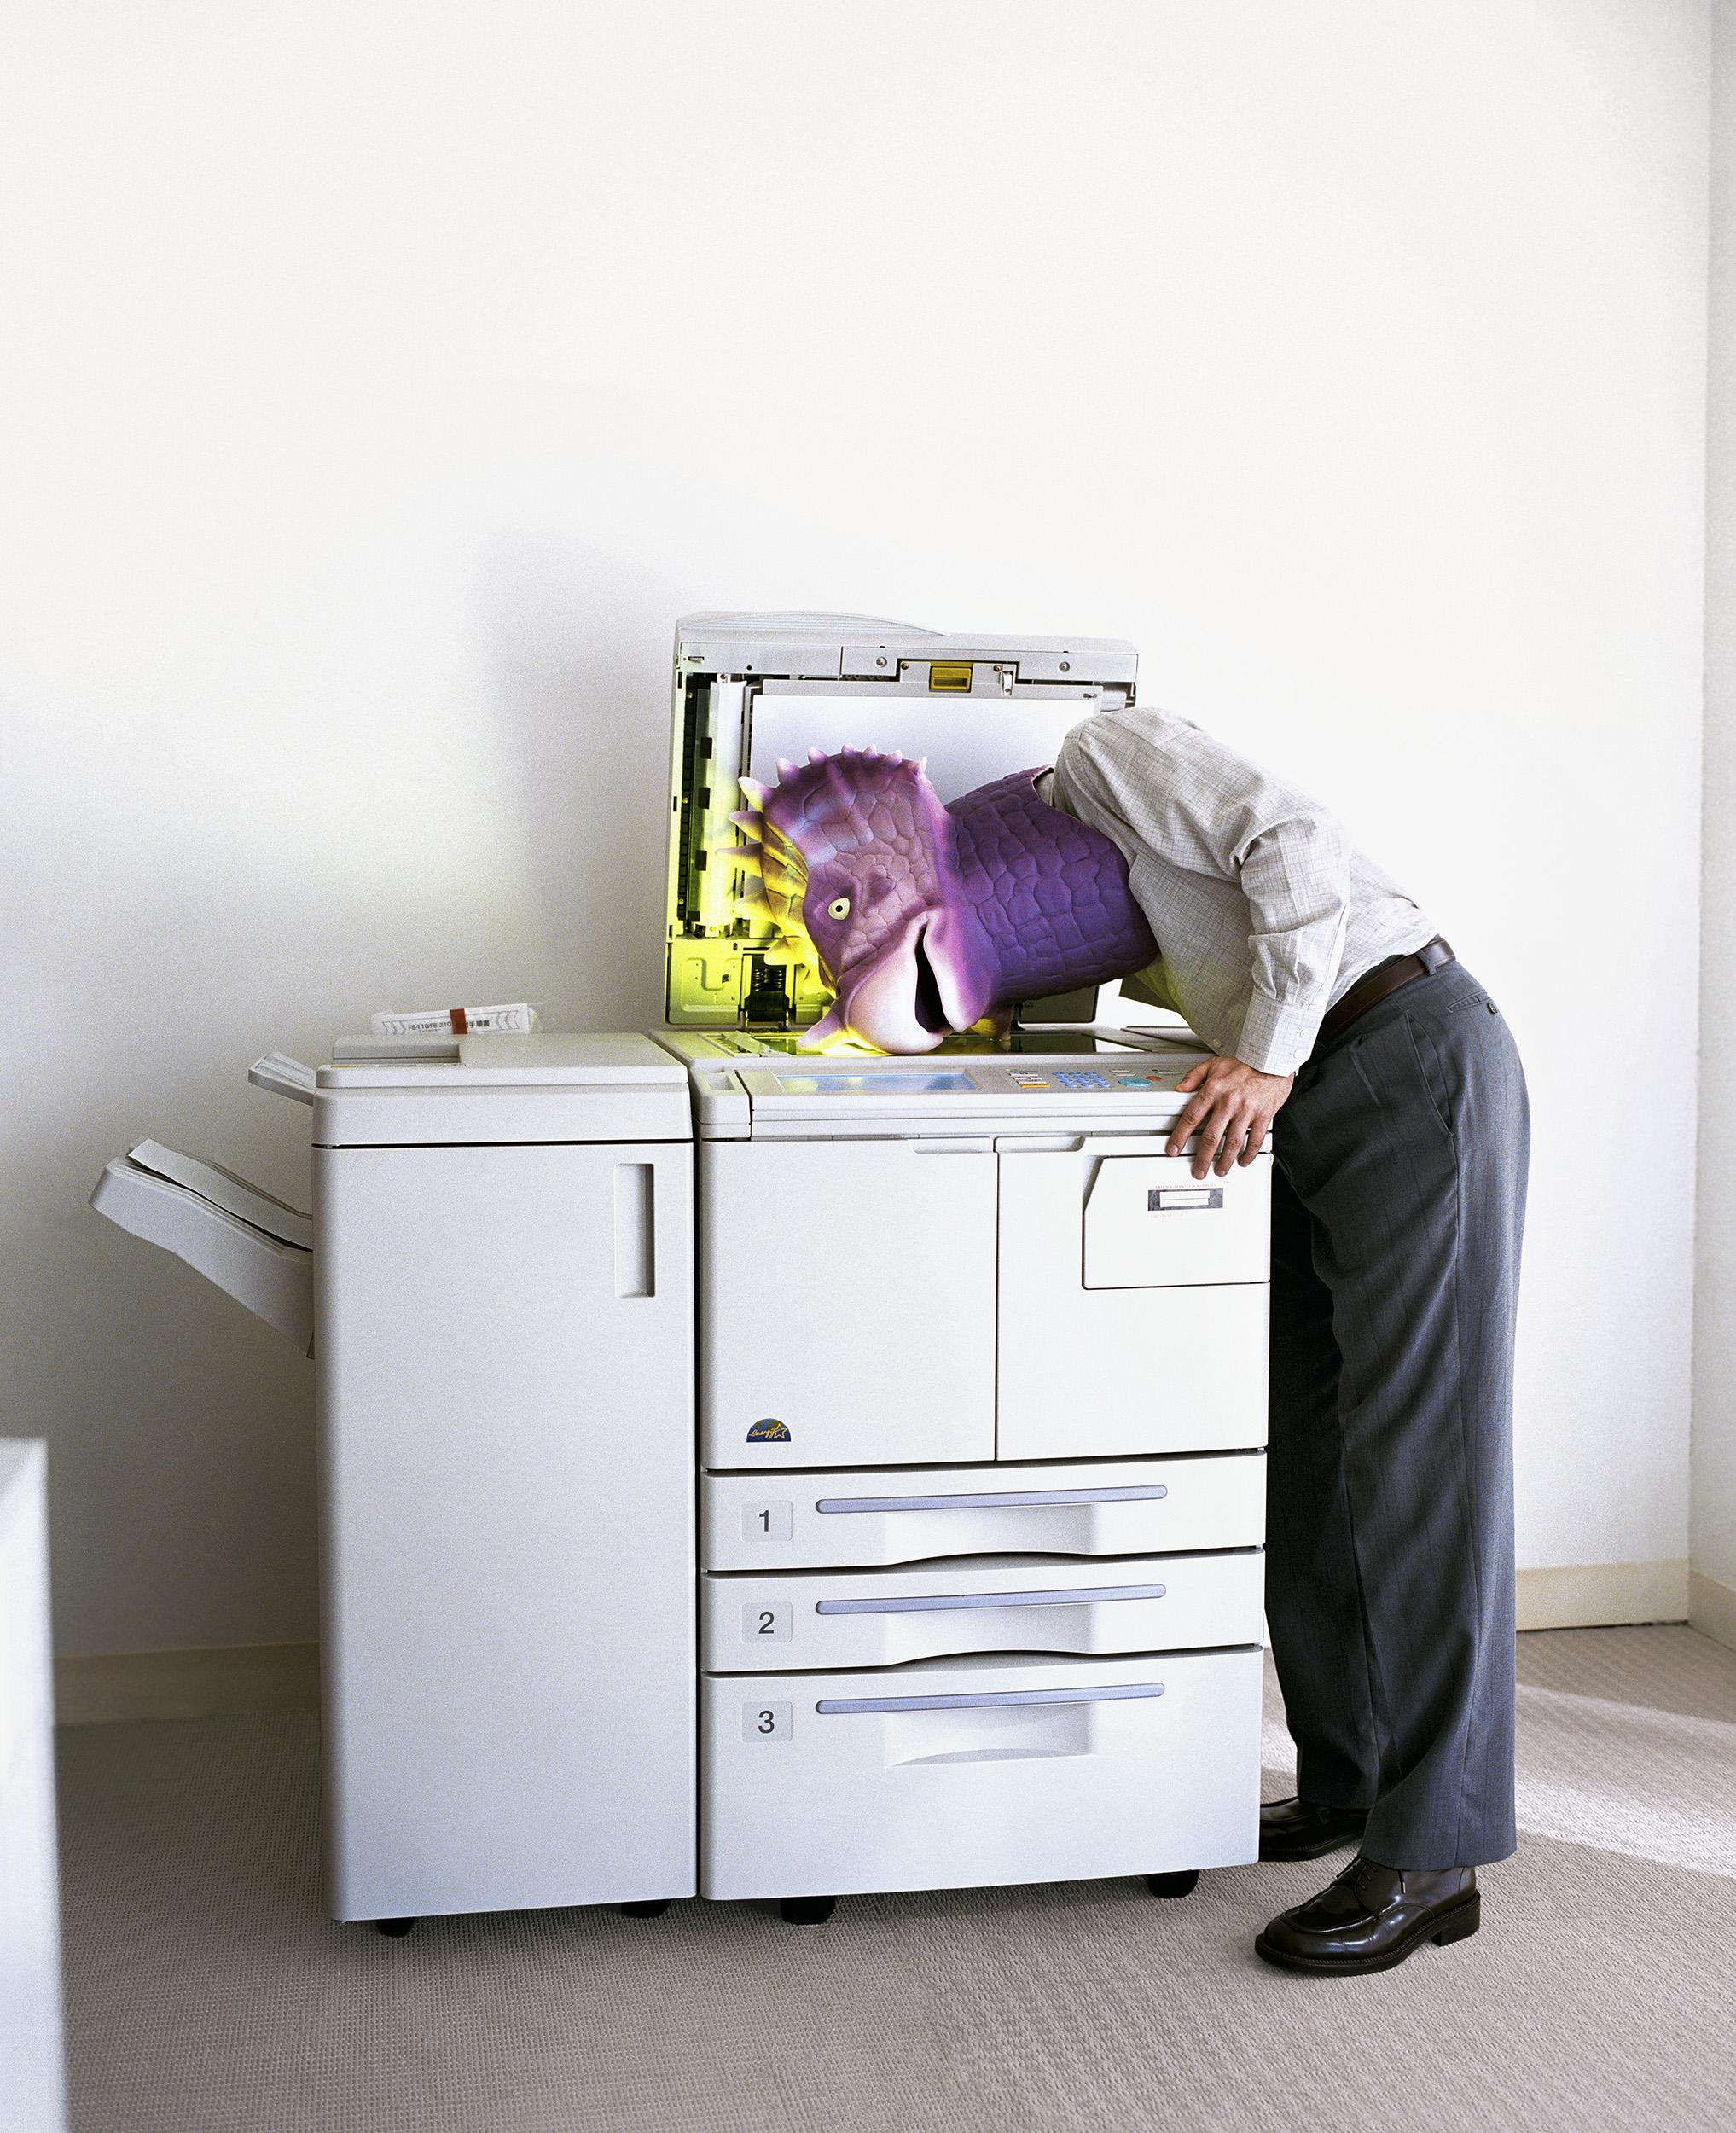 Microsoft_Dino_copier_V10.jpg